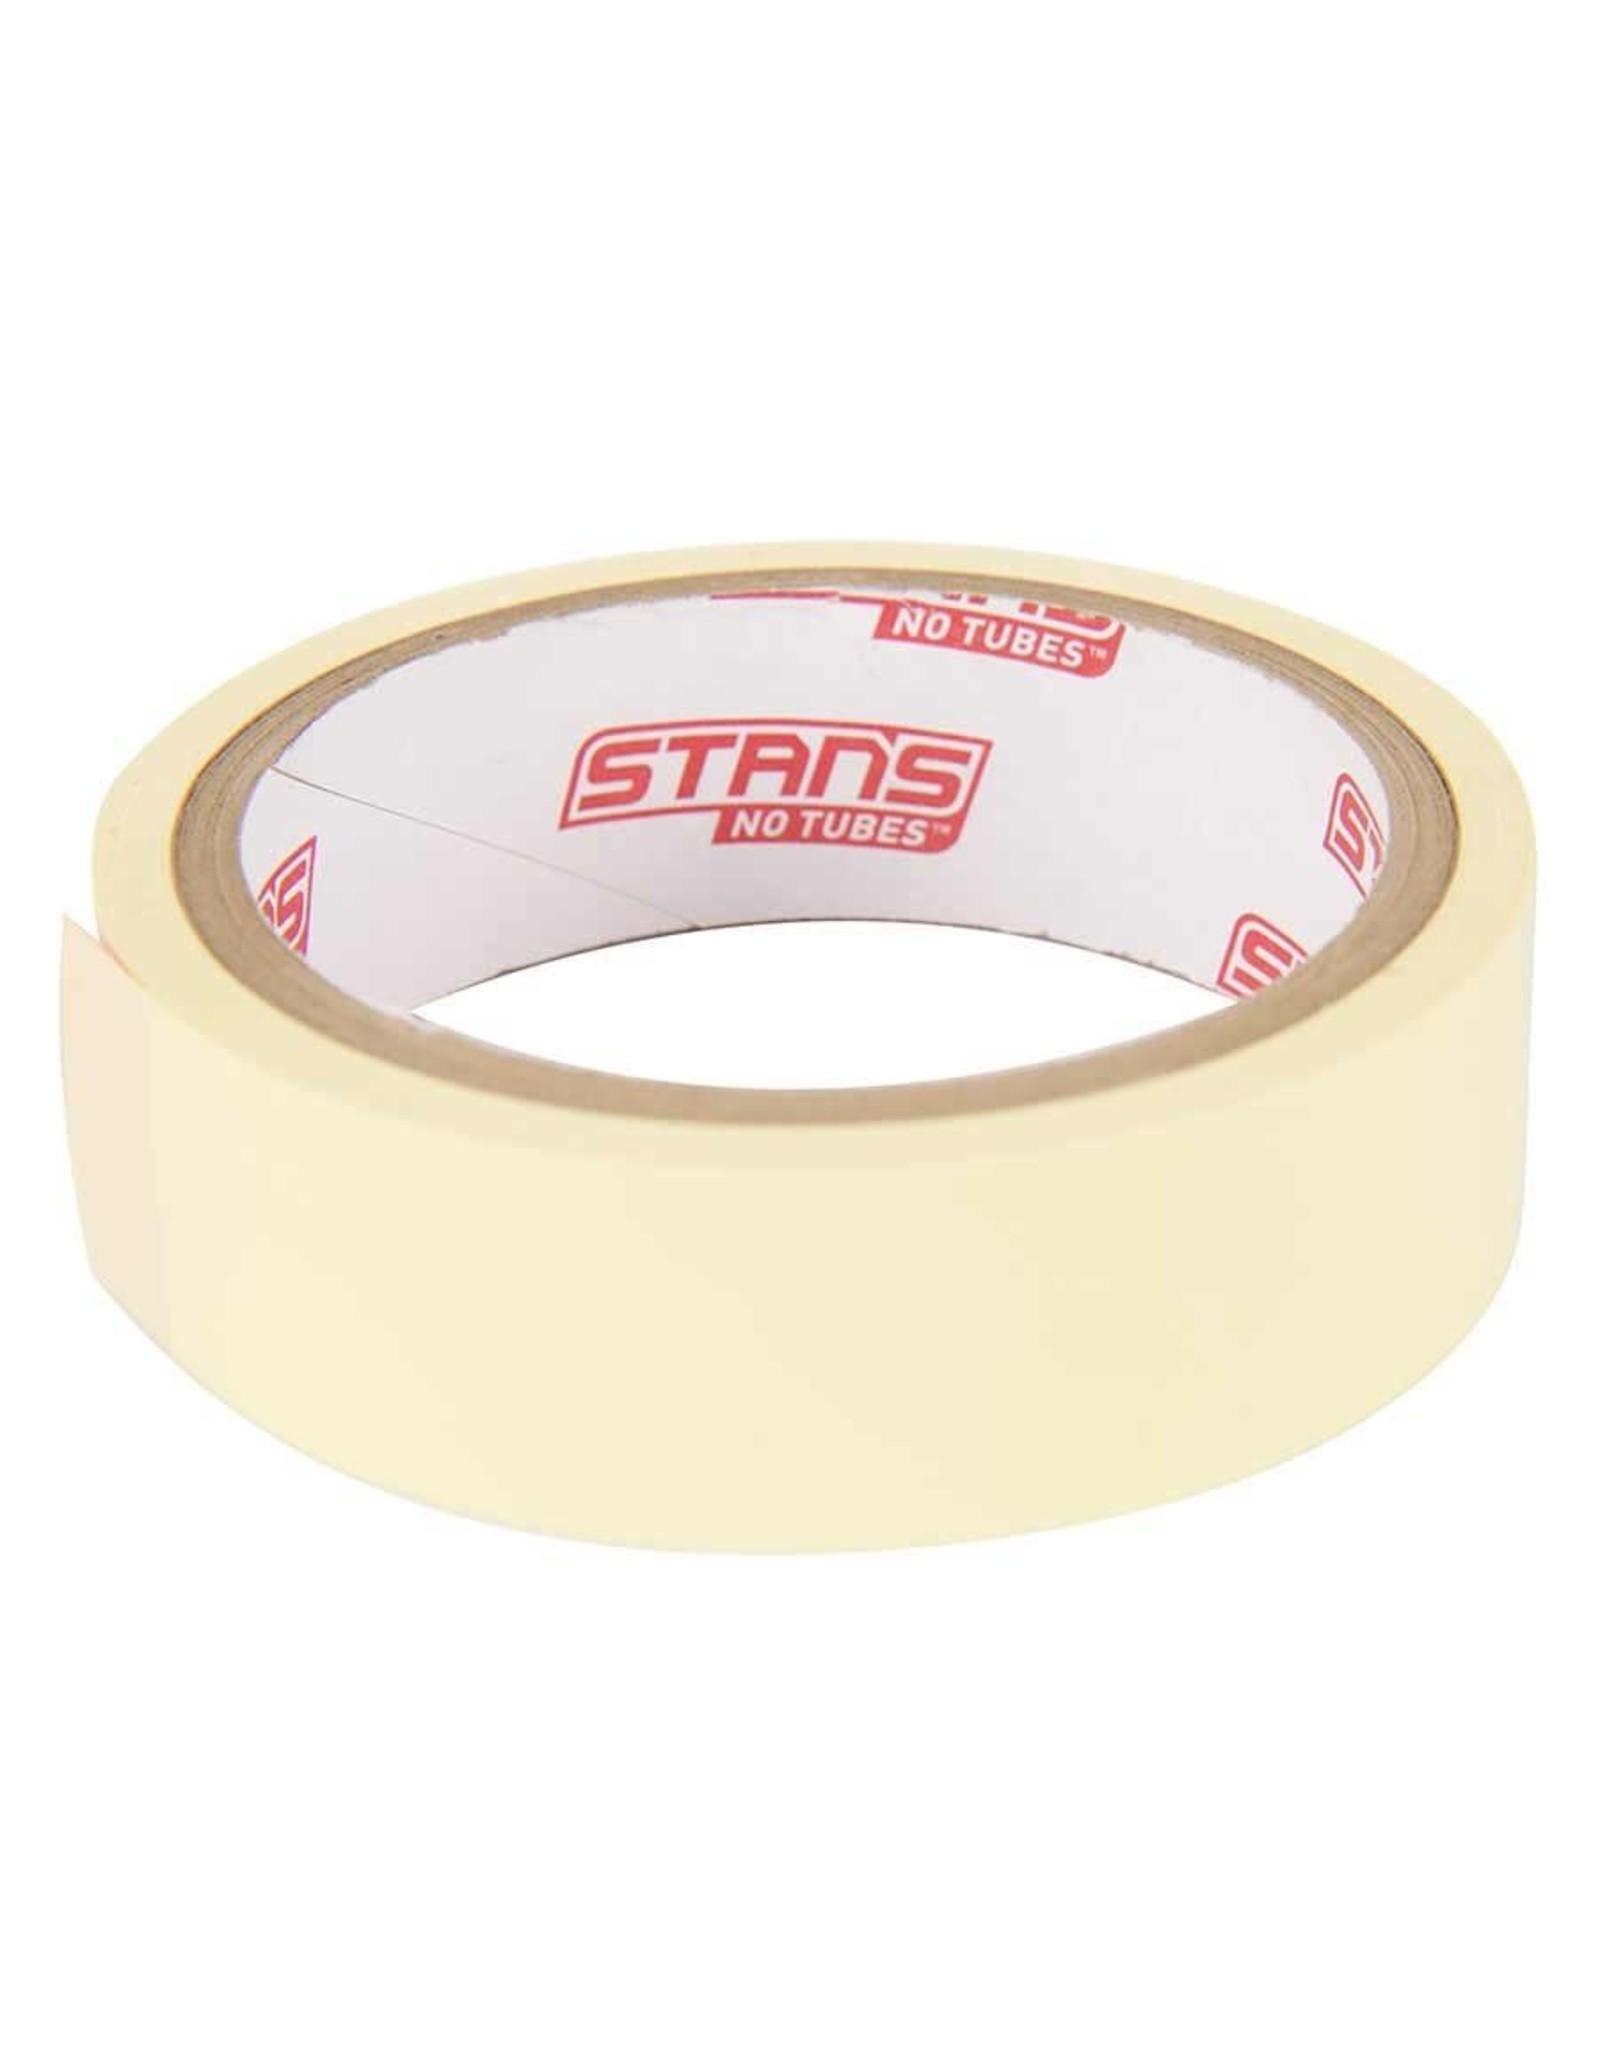 Stan's No Tubes Fond jante Stan's 9.14m (10yd) x